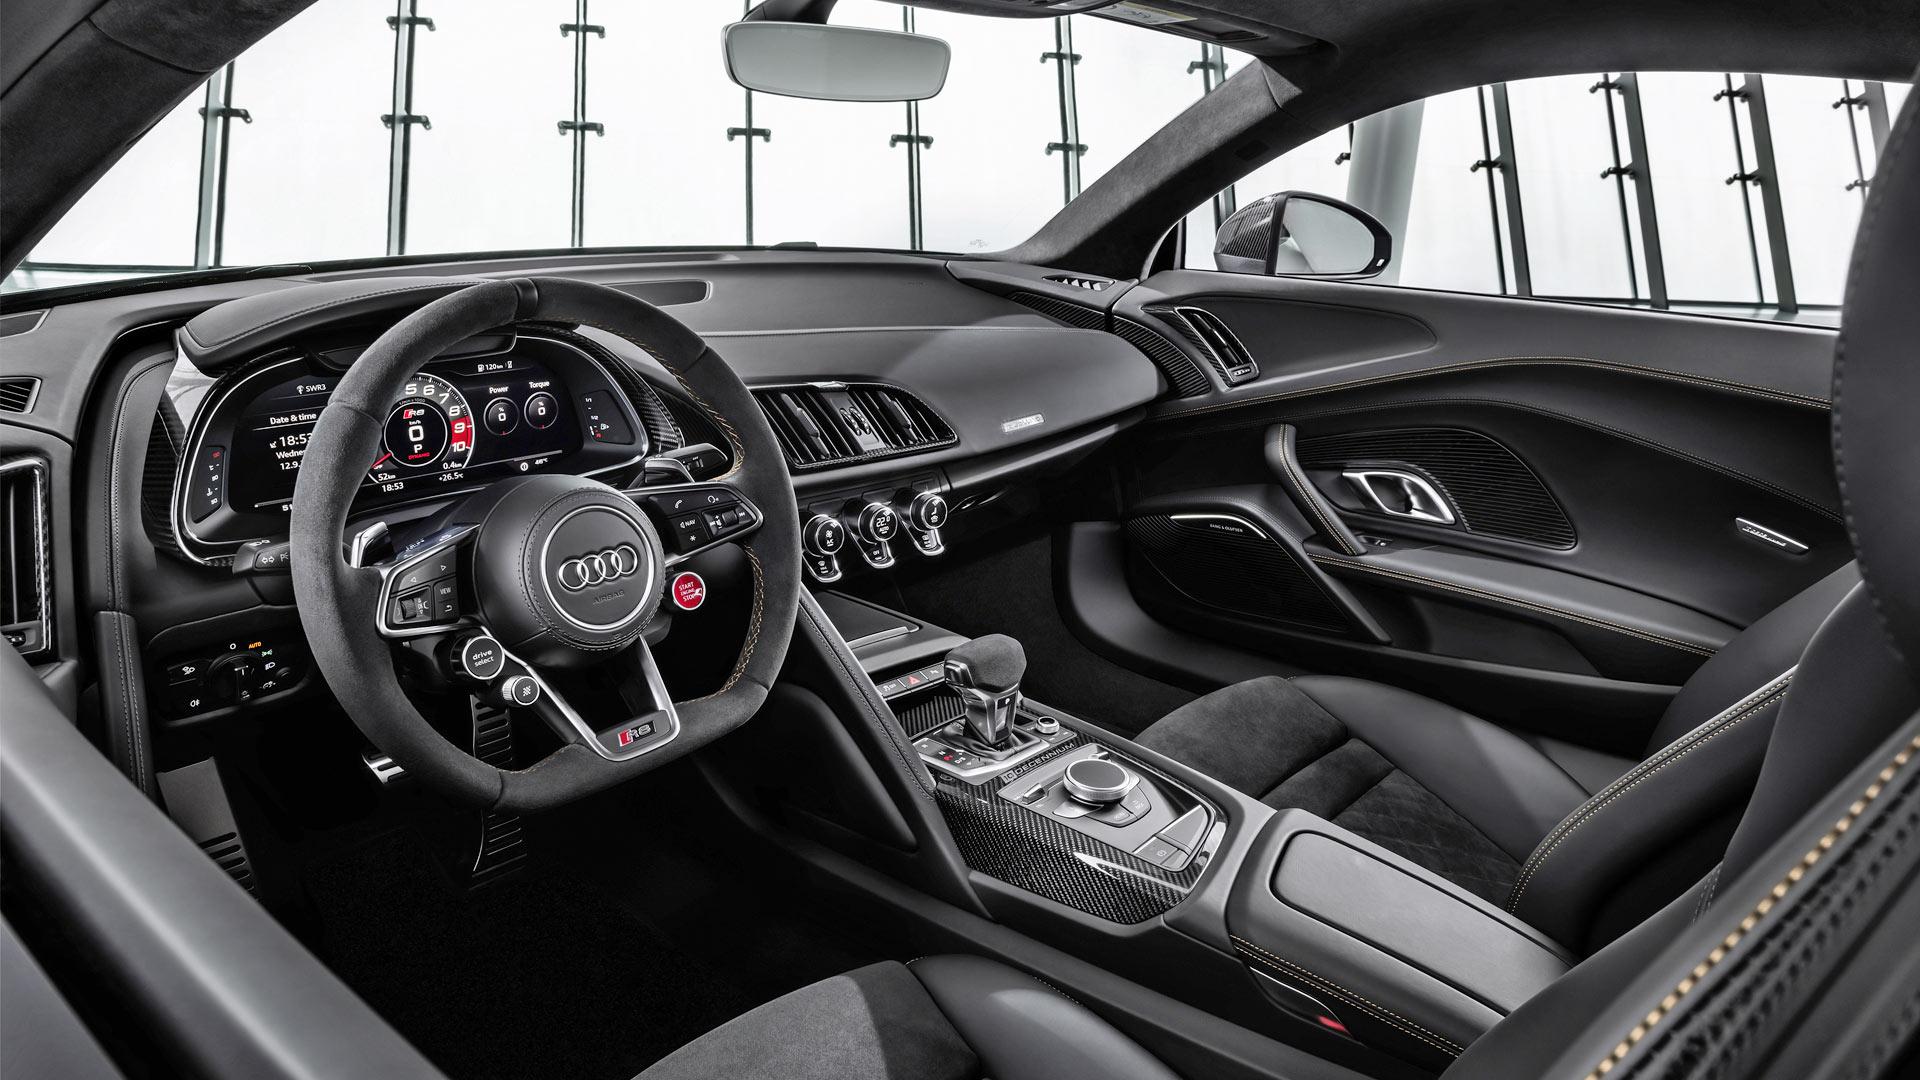 Audi-R8-V10-Decennium-Interior_3